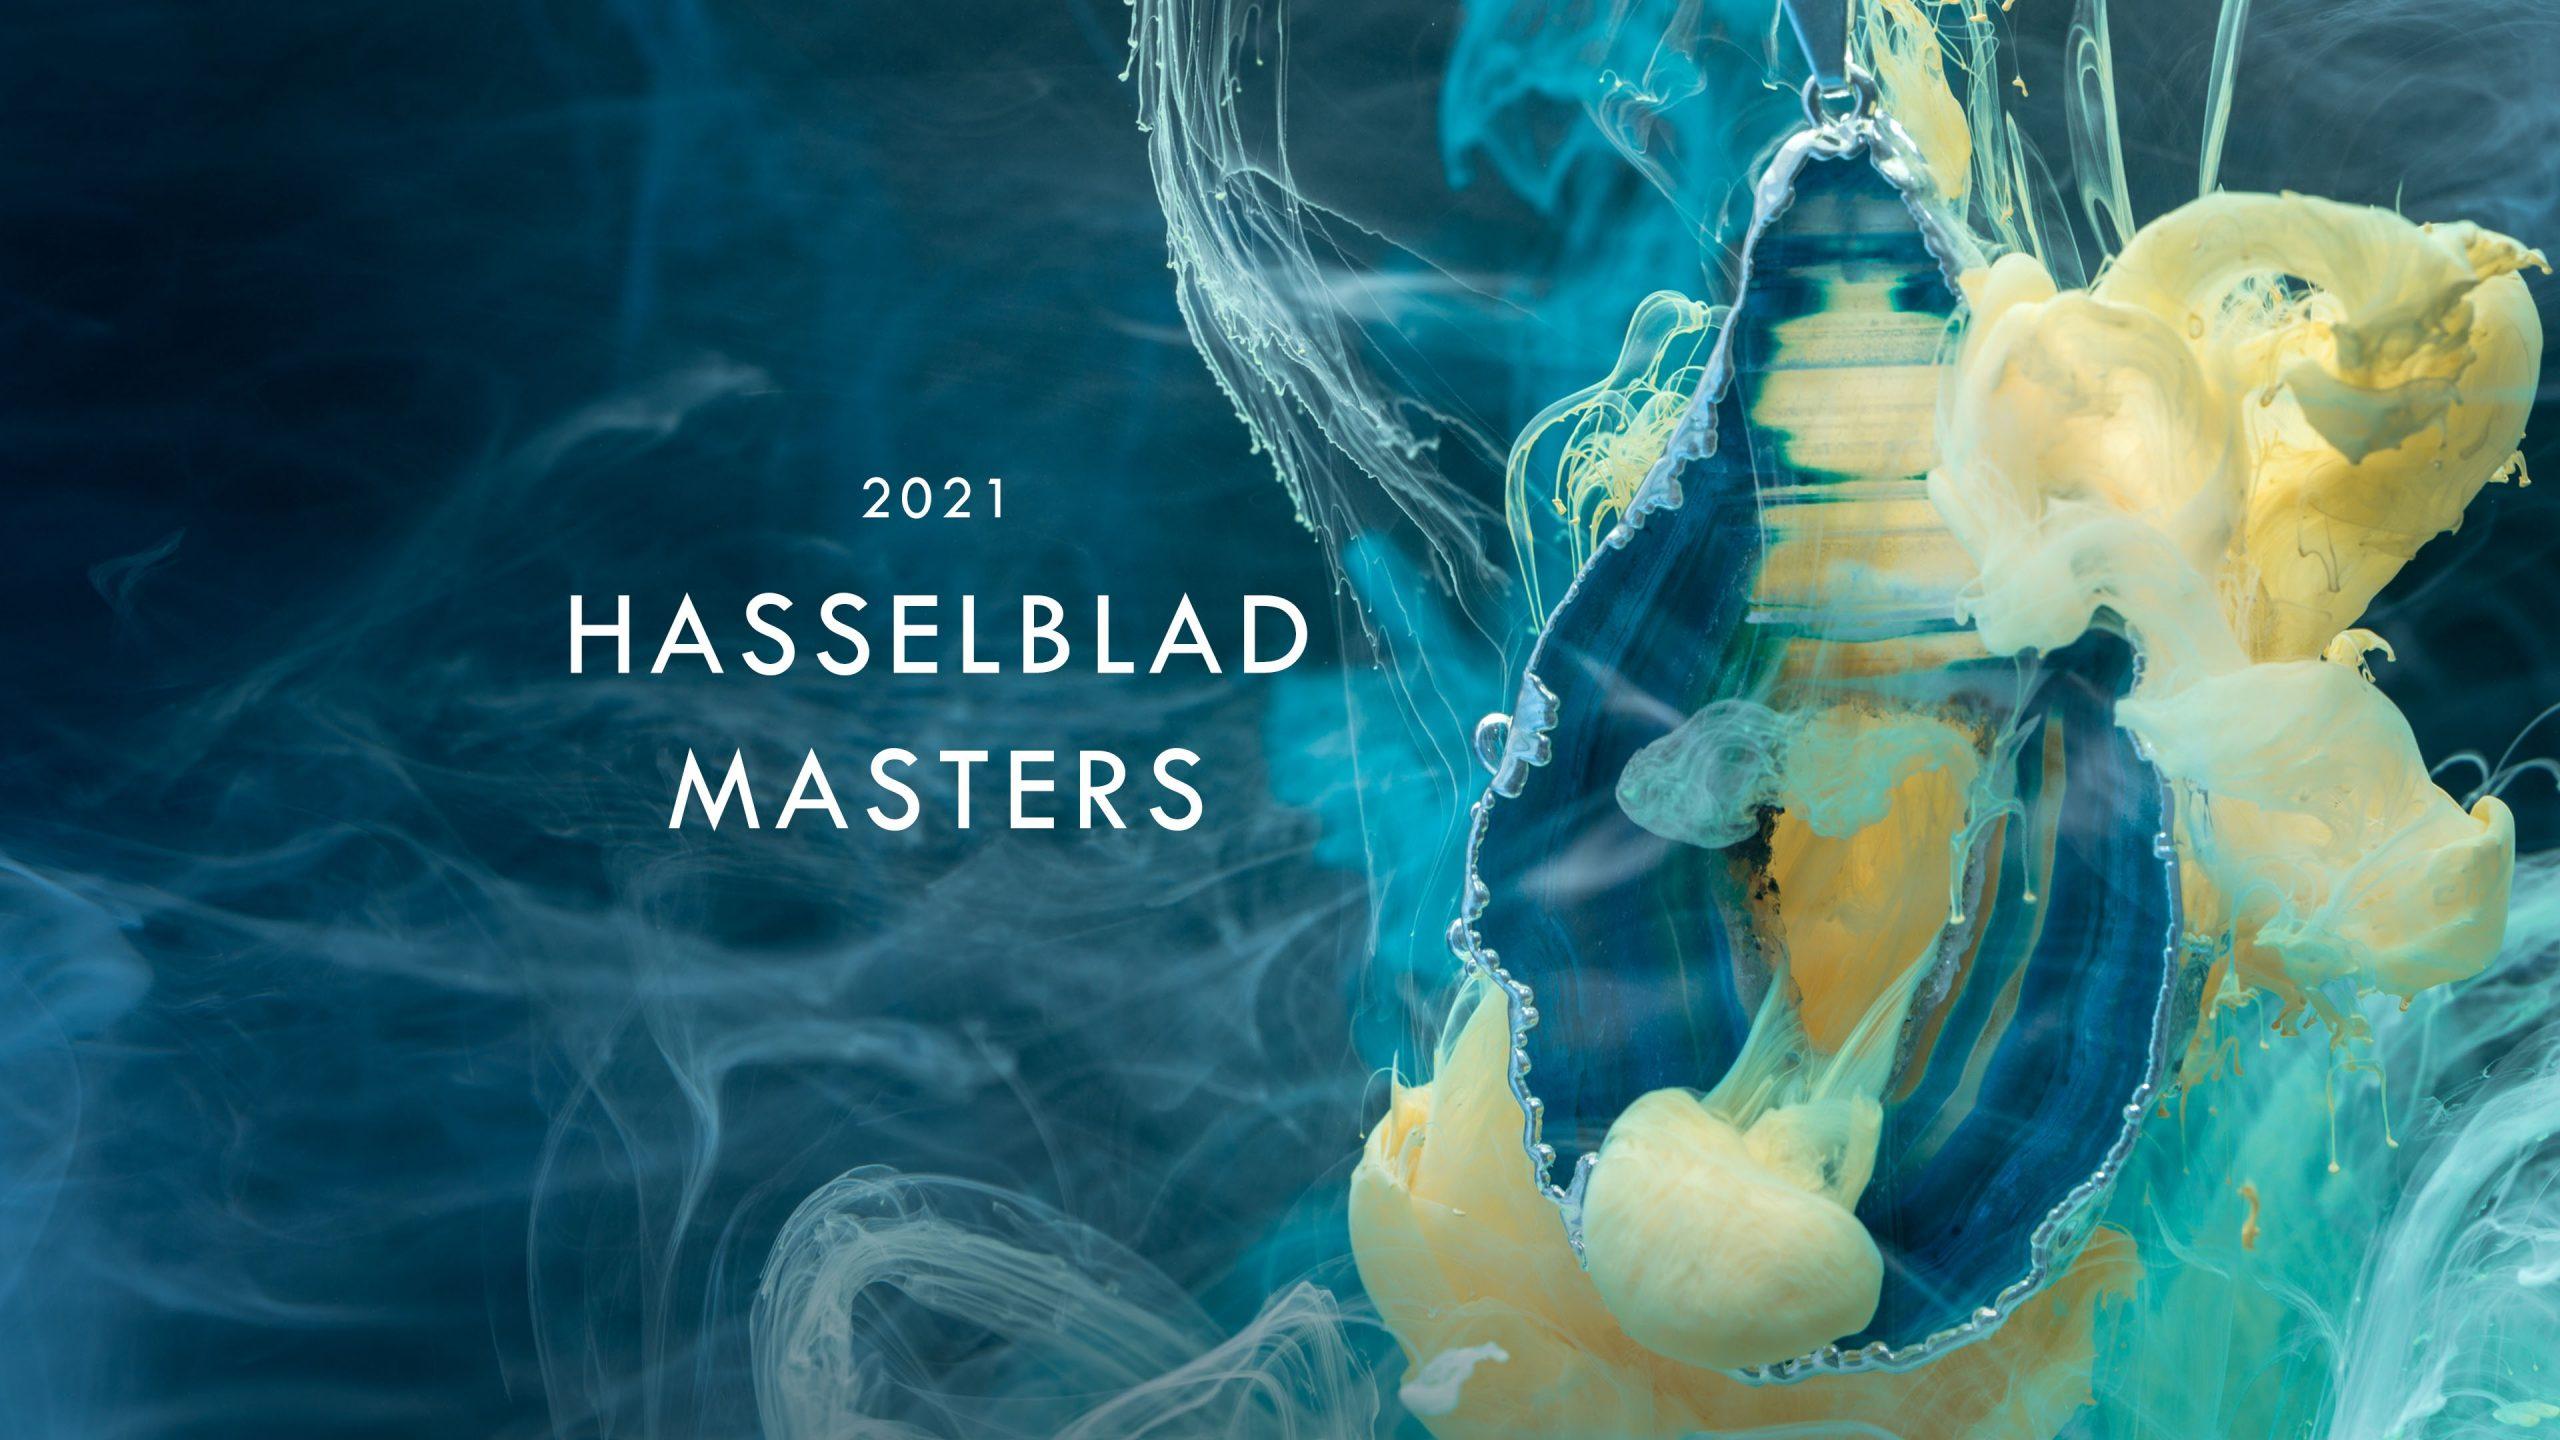 Hasselblad khởi động cuộc thi ảnh Master 2021 với phần thưởng là 12 máy ảnh medium format